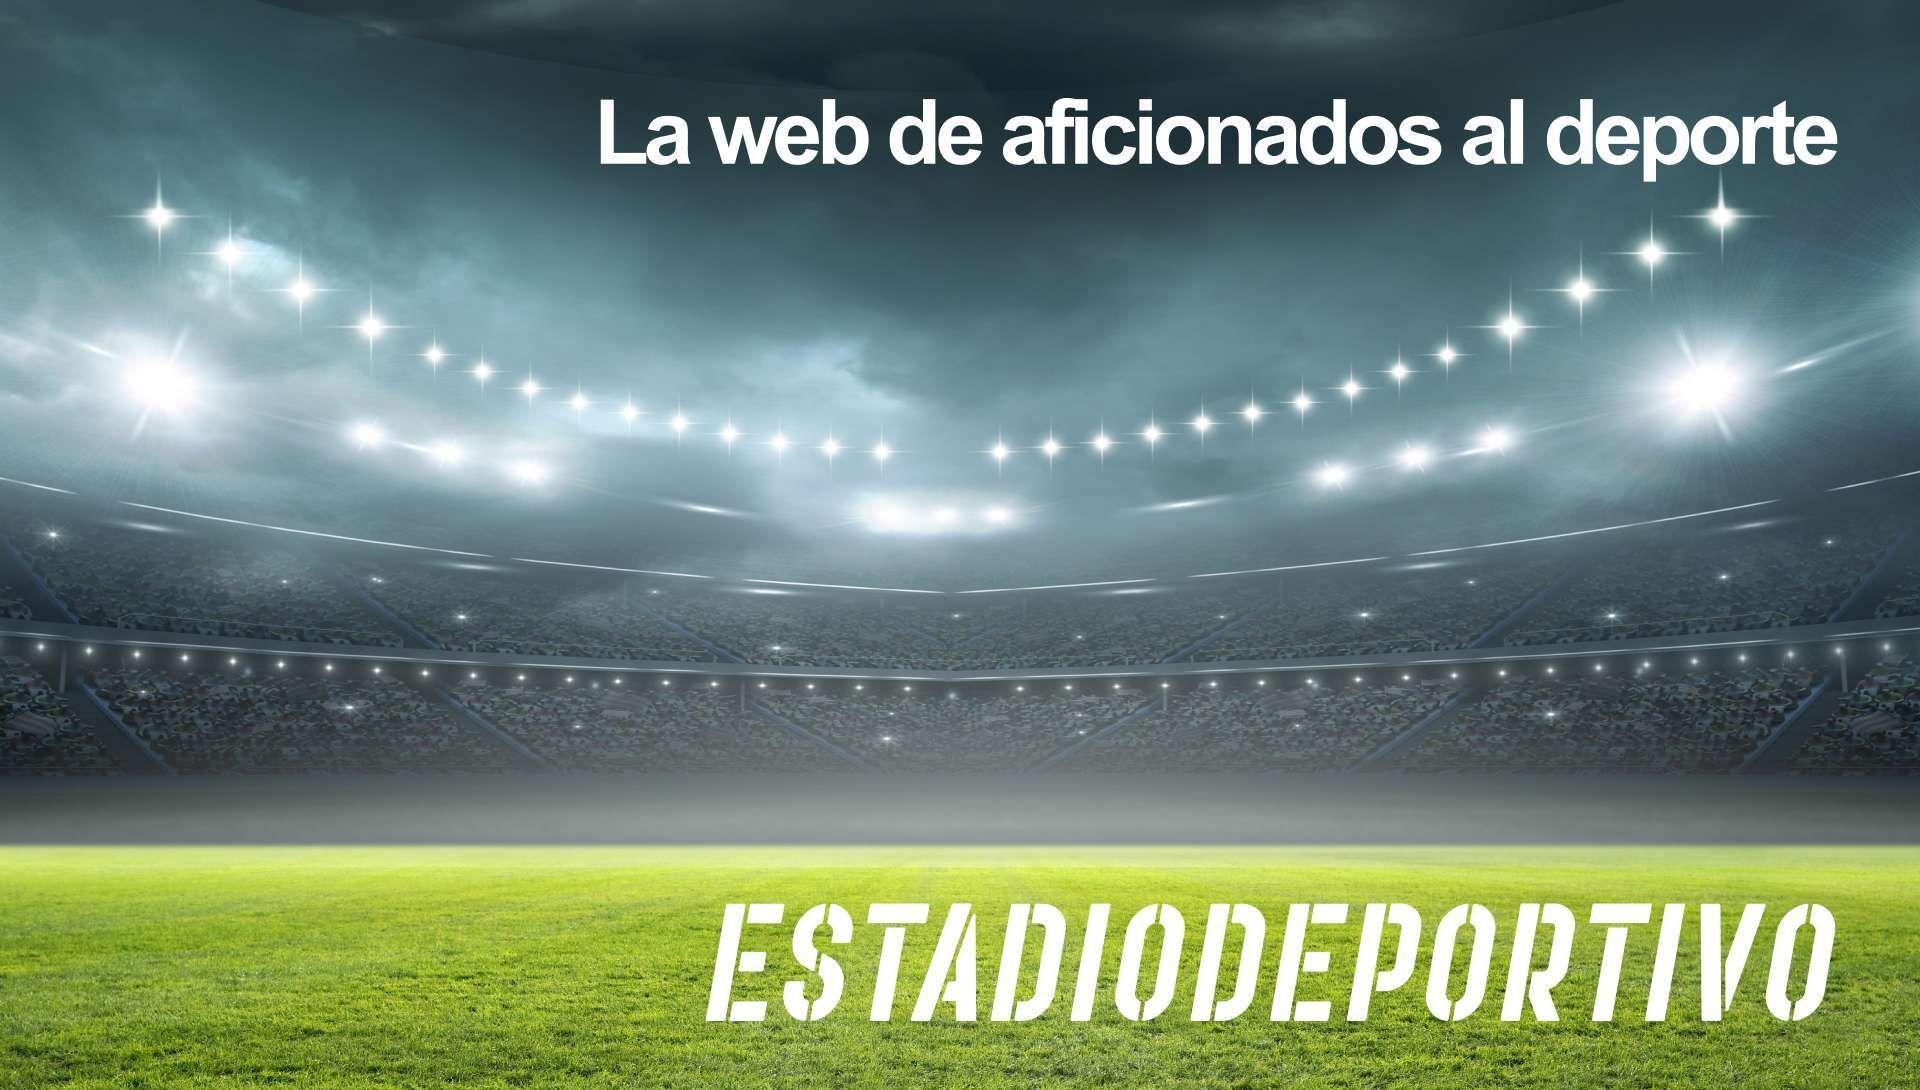 Los mejores estrenos de abril en Netflix, HBO, Amazon, Movistar+...